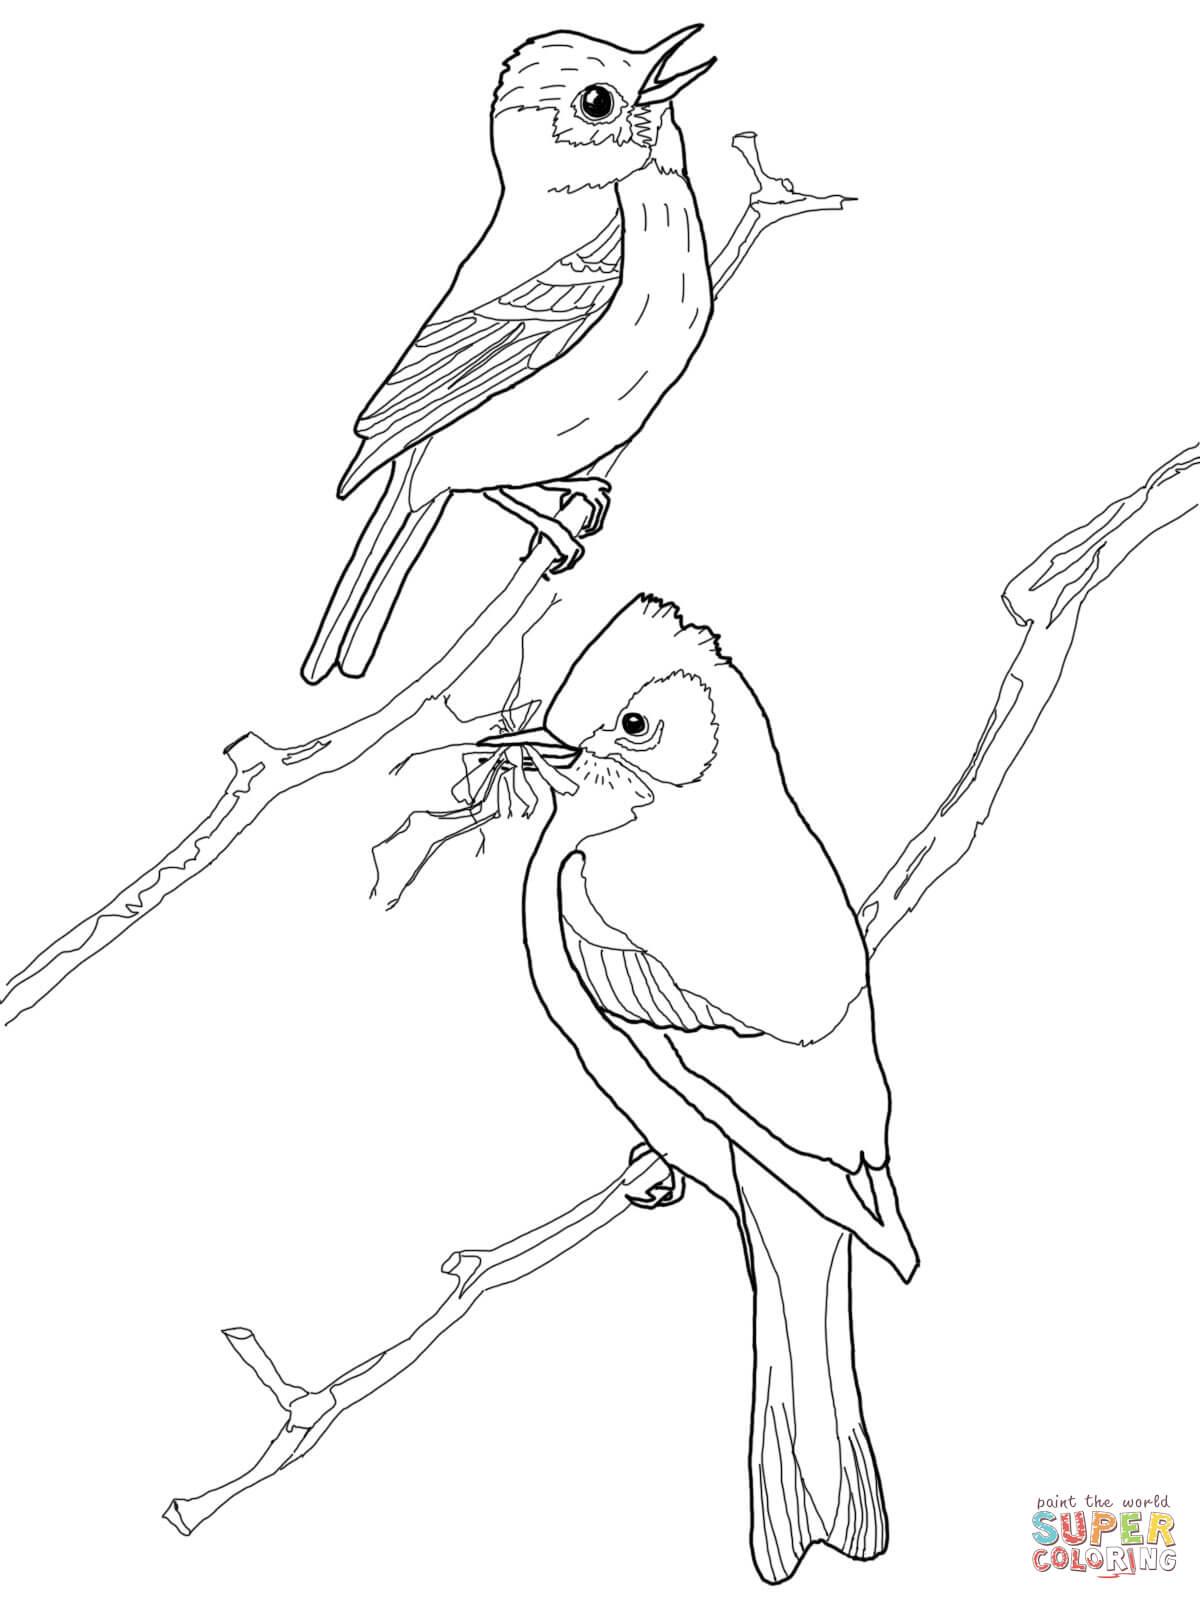 Loon Drawing at GetDrawings